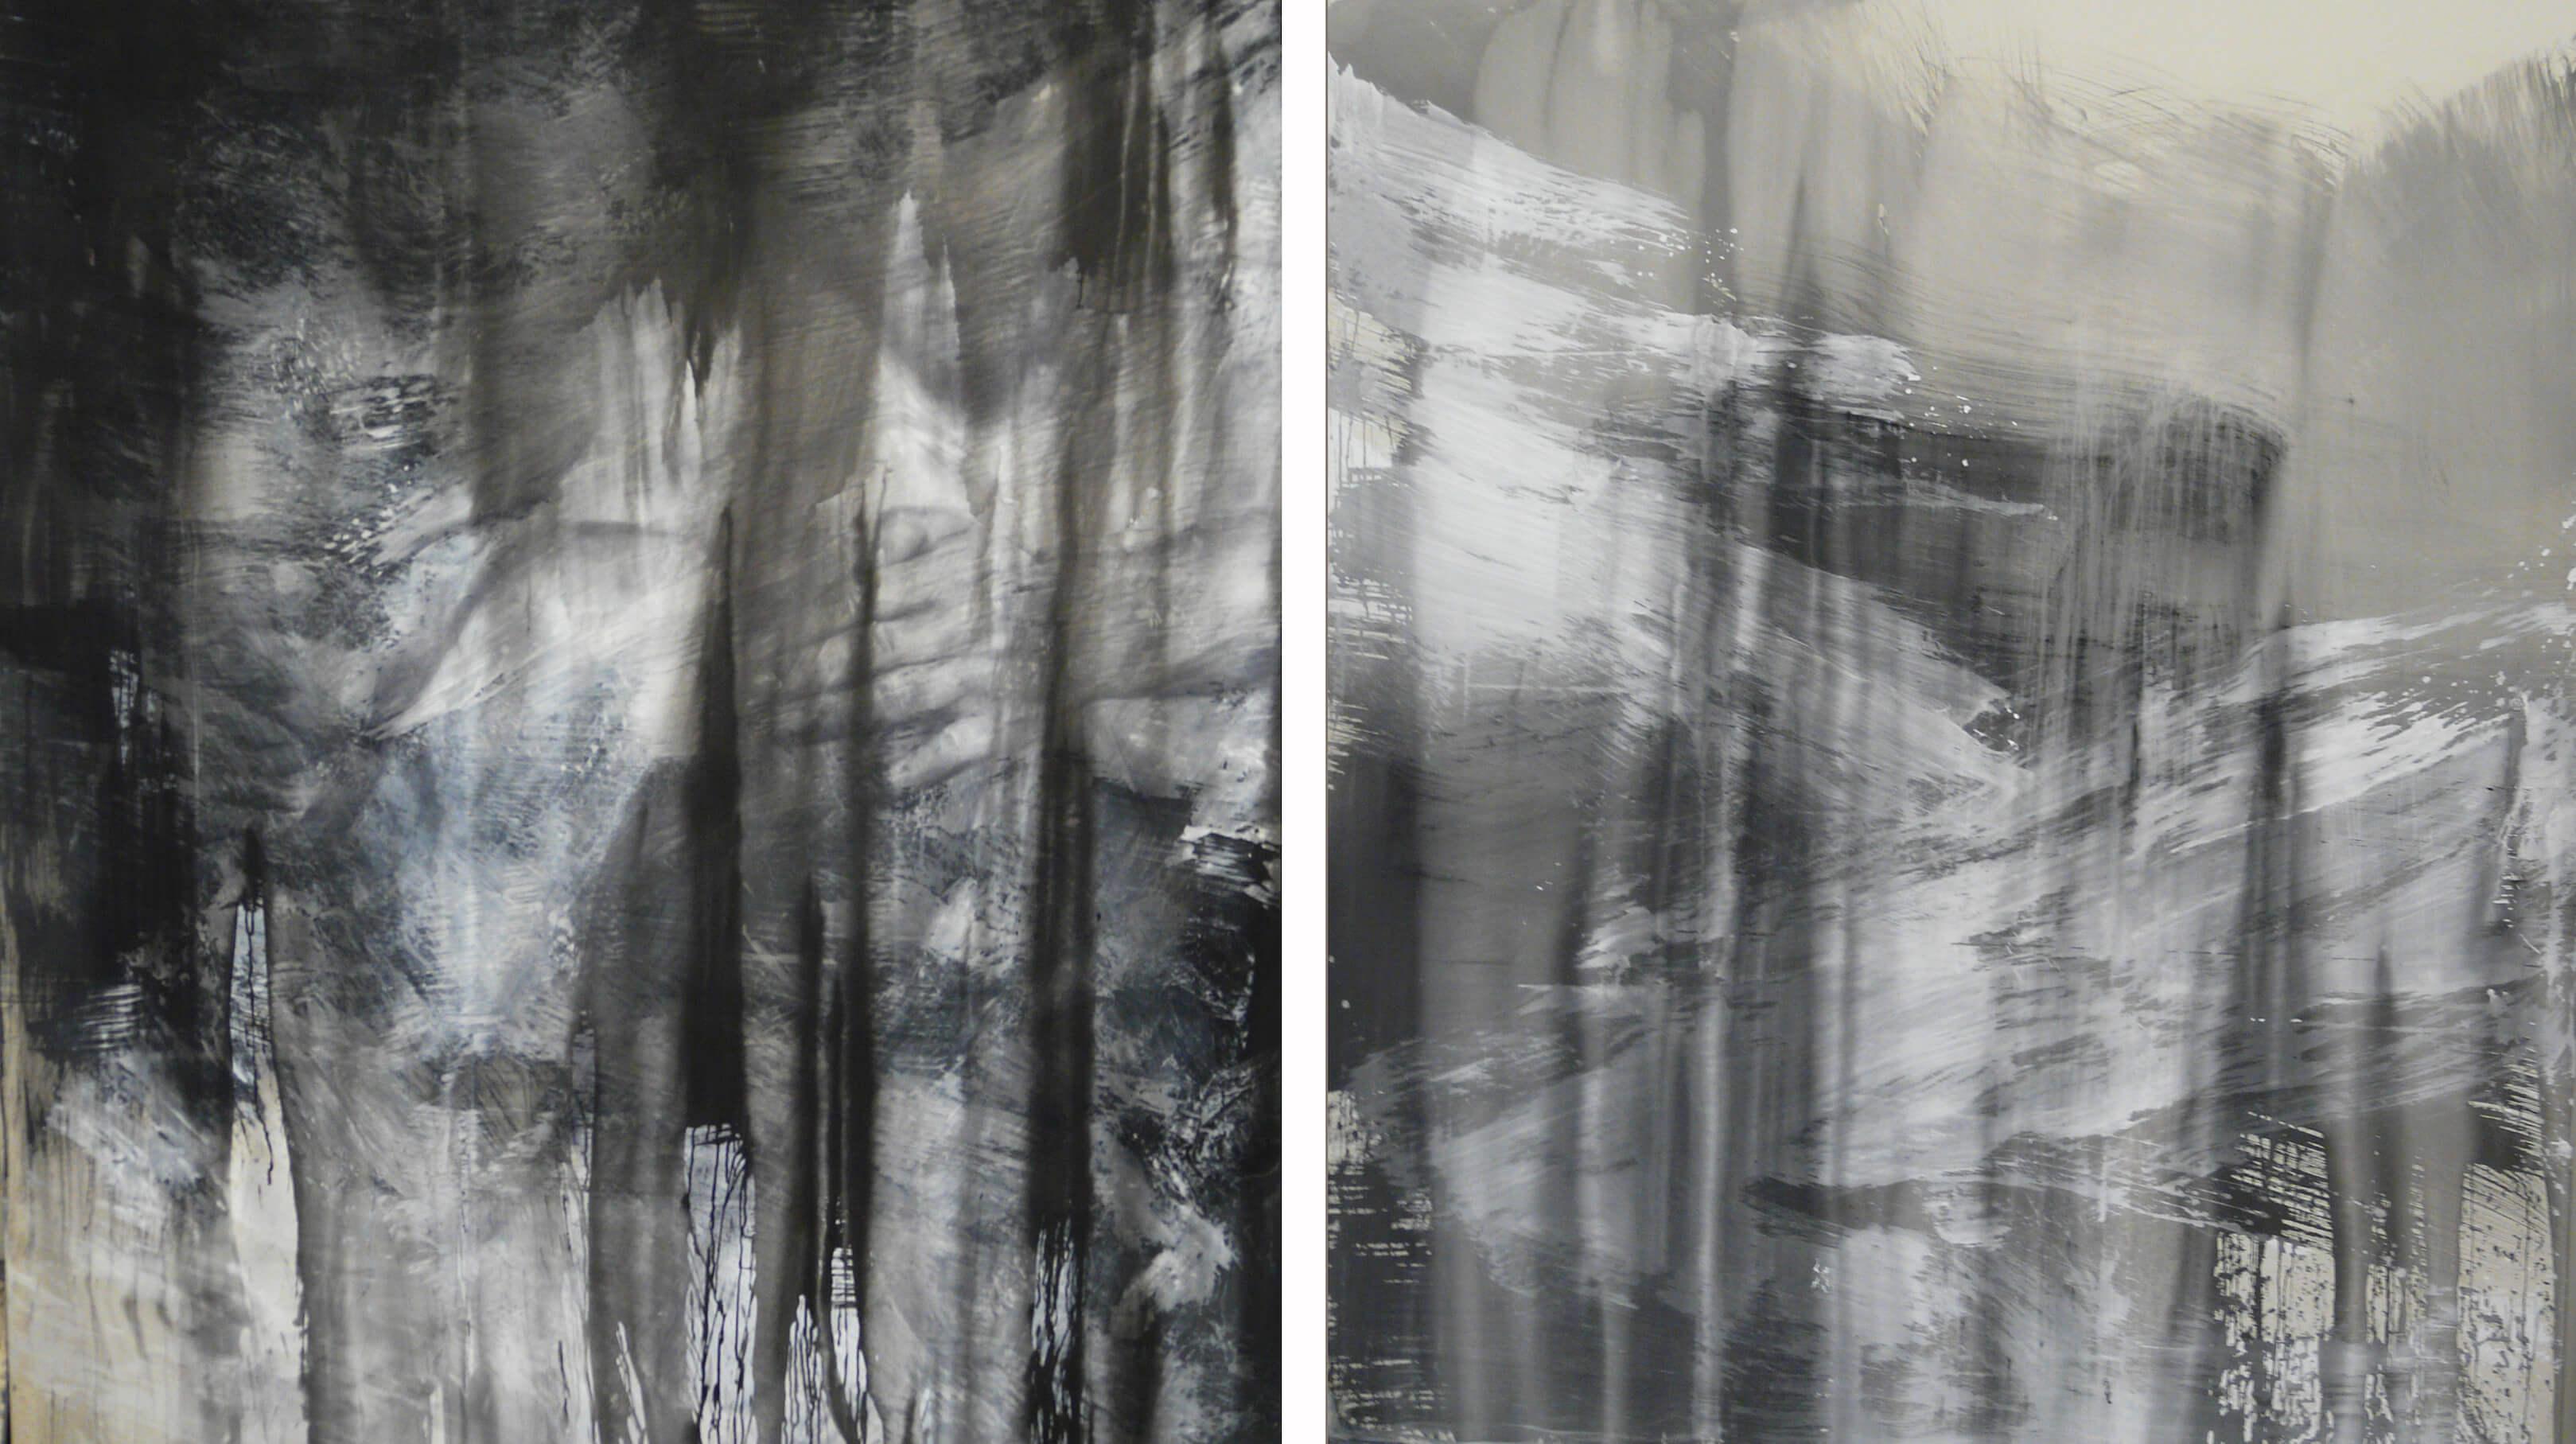 diptych o miere 2x250x210cm, akryl 2014 copy